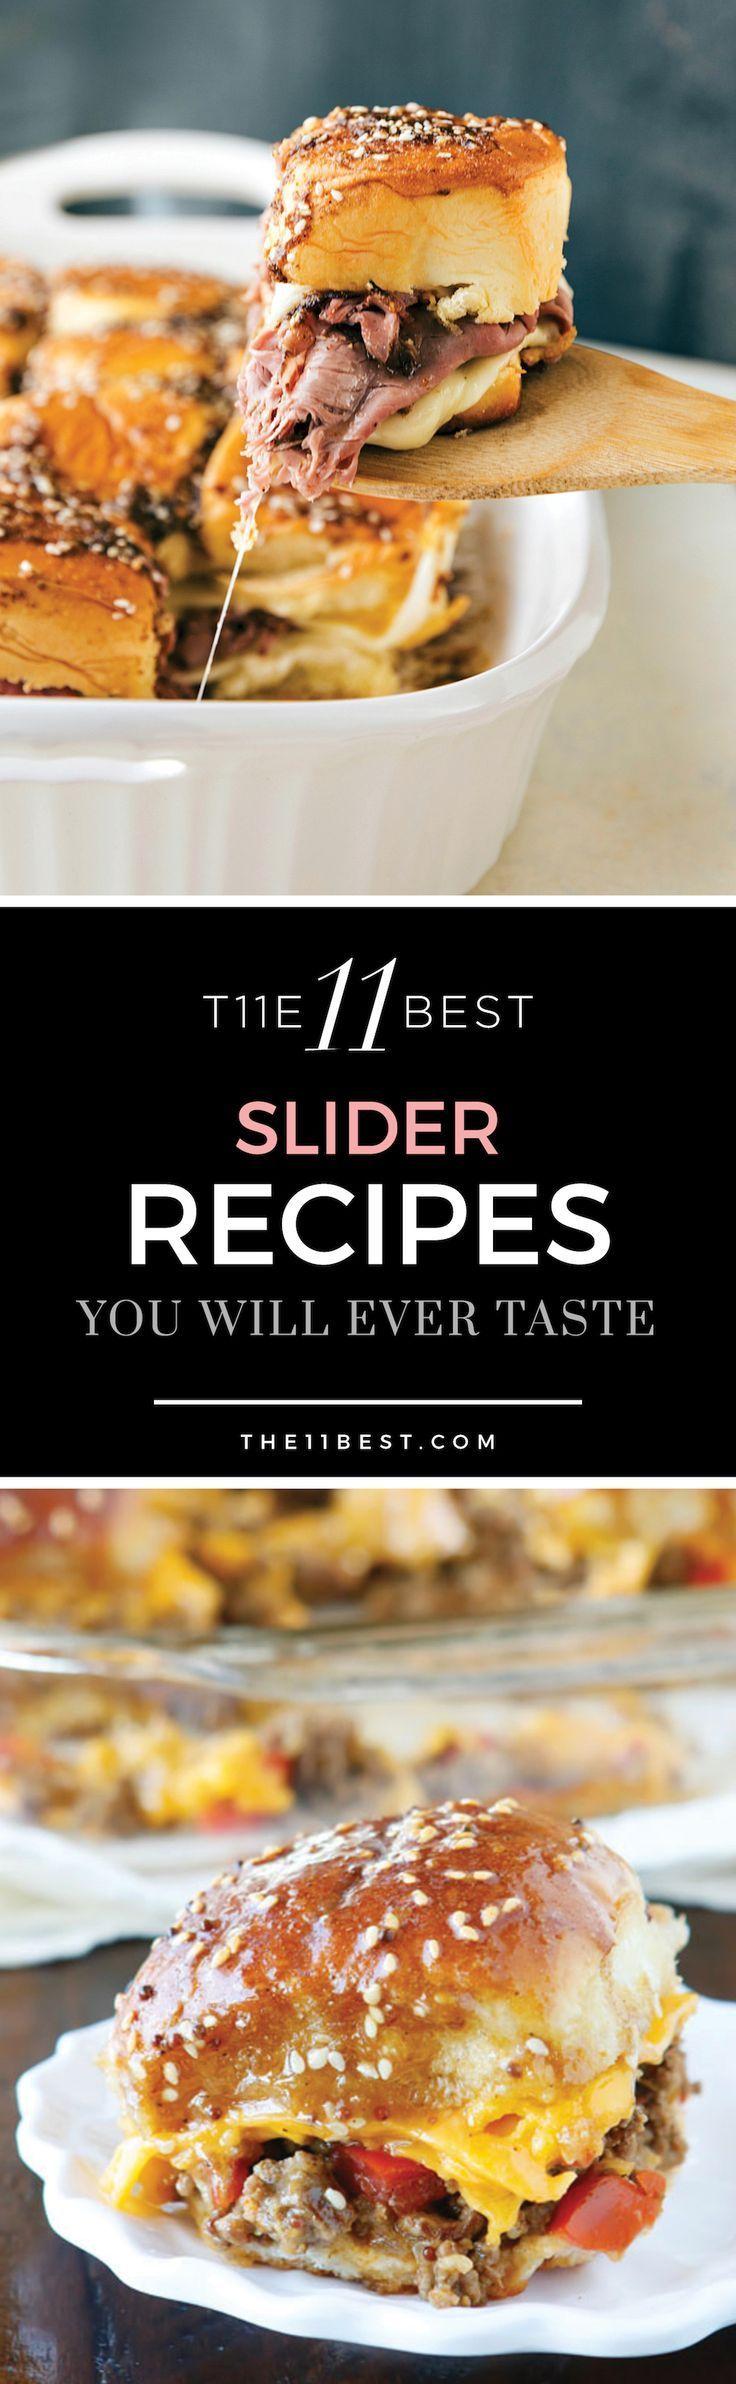 The 11 best slider recipes homemade sliders finger food parties the 11 best slider recipes homemade sliders finger food parties and finger foods forumfinder Gallery